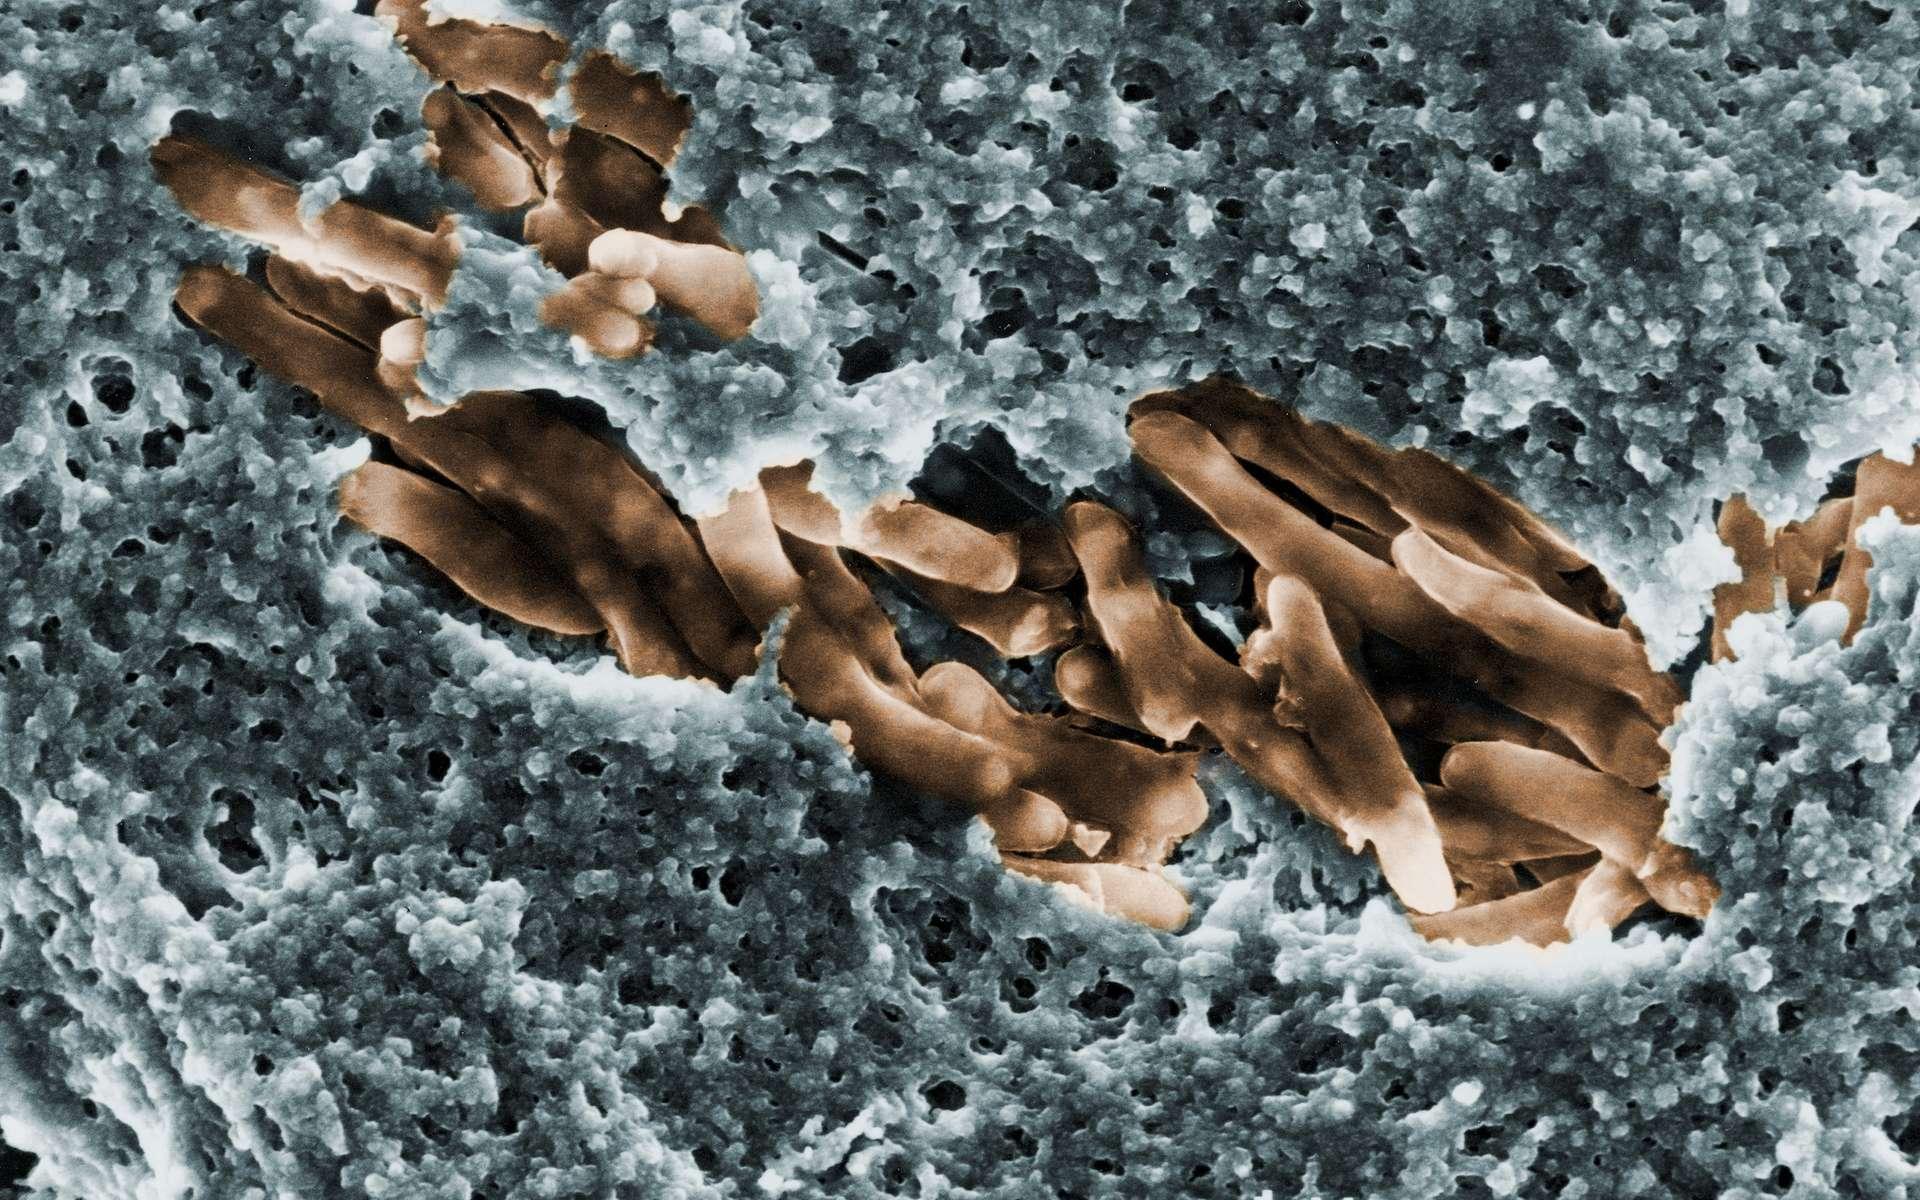 Mycobacterium ulcerans, l'agent étiologique de l'ulcère de Buruli. © Institut Pasteur/Laurent Marsollier